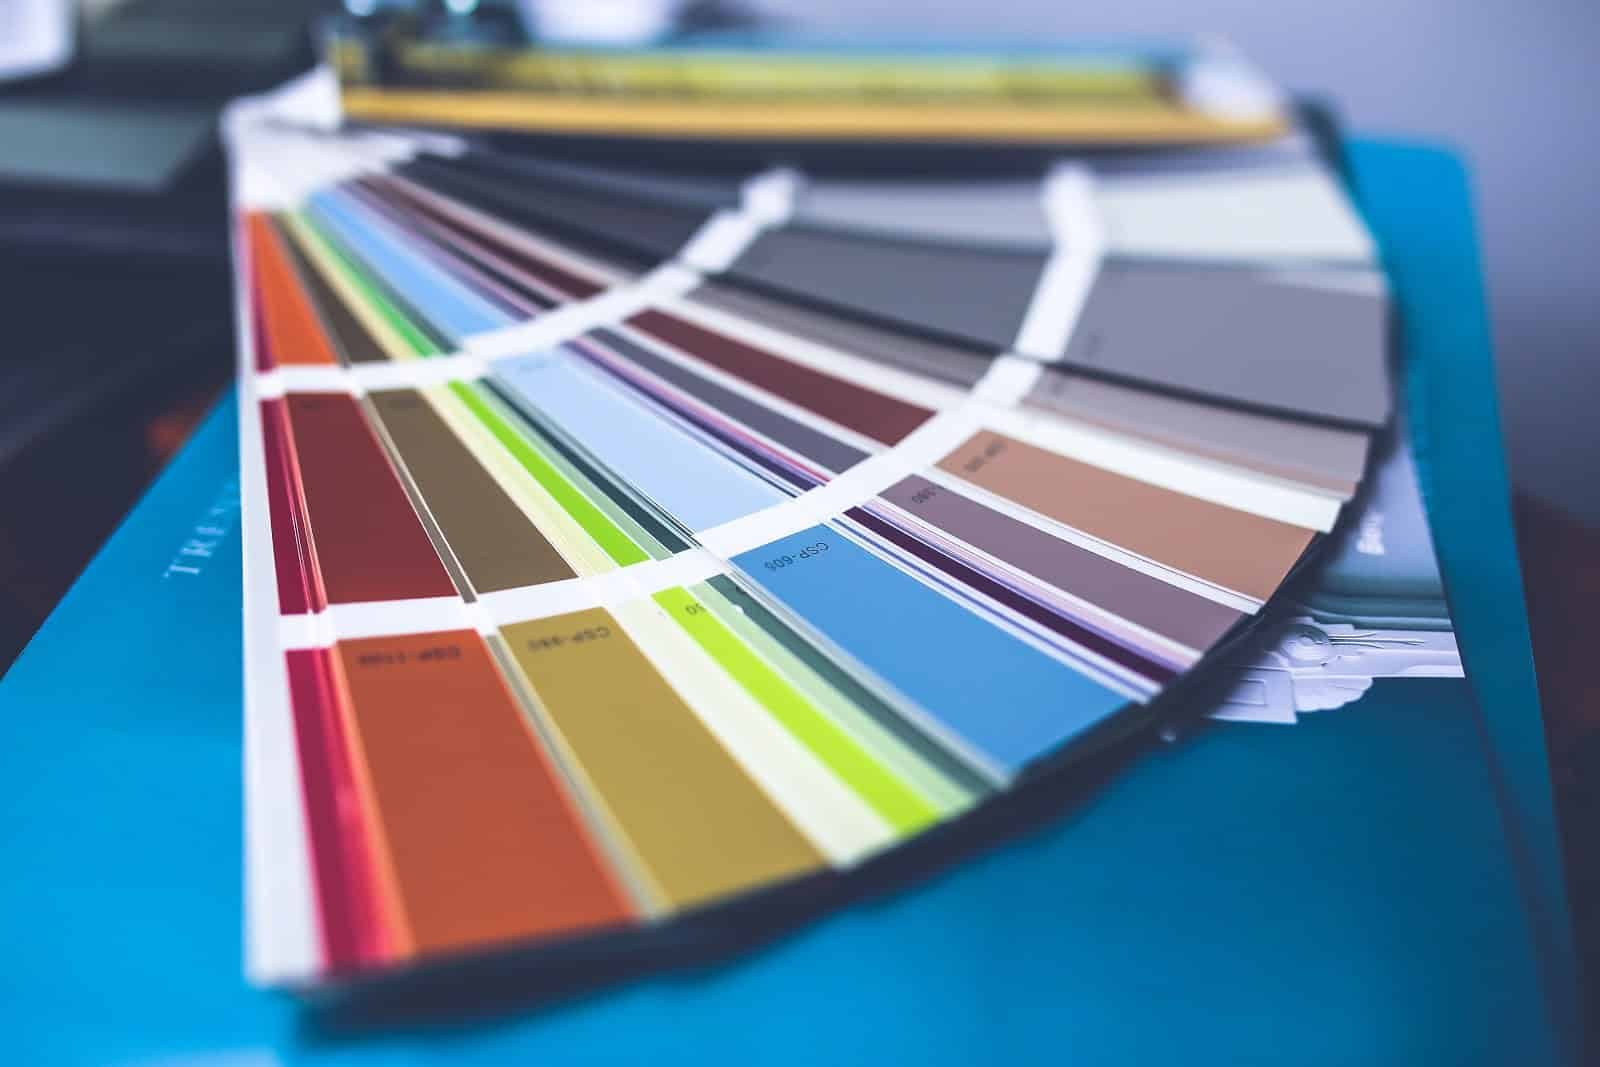 1e96583d-a578-43c6-9ba0-cd1361390b93_color-paint-palette-wall-painting-8196823